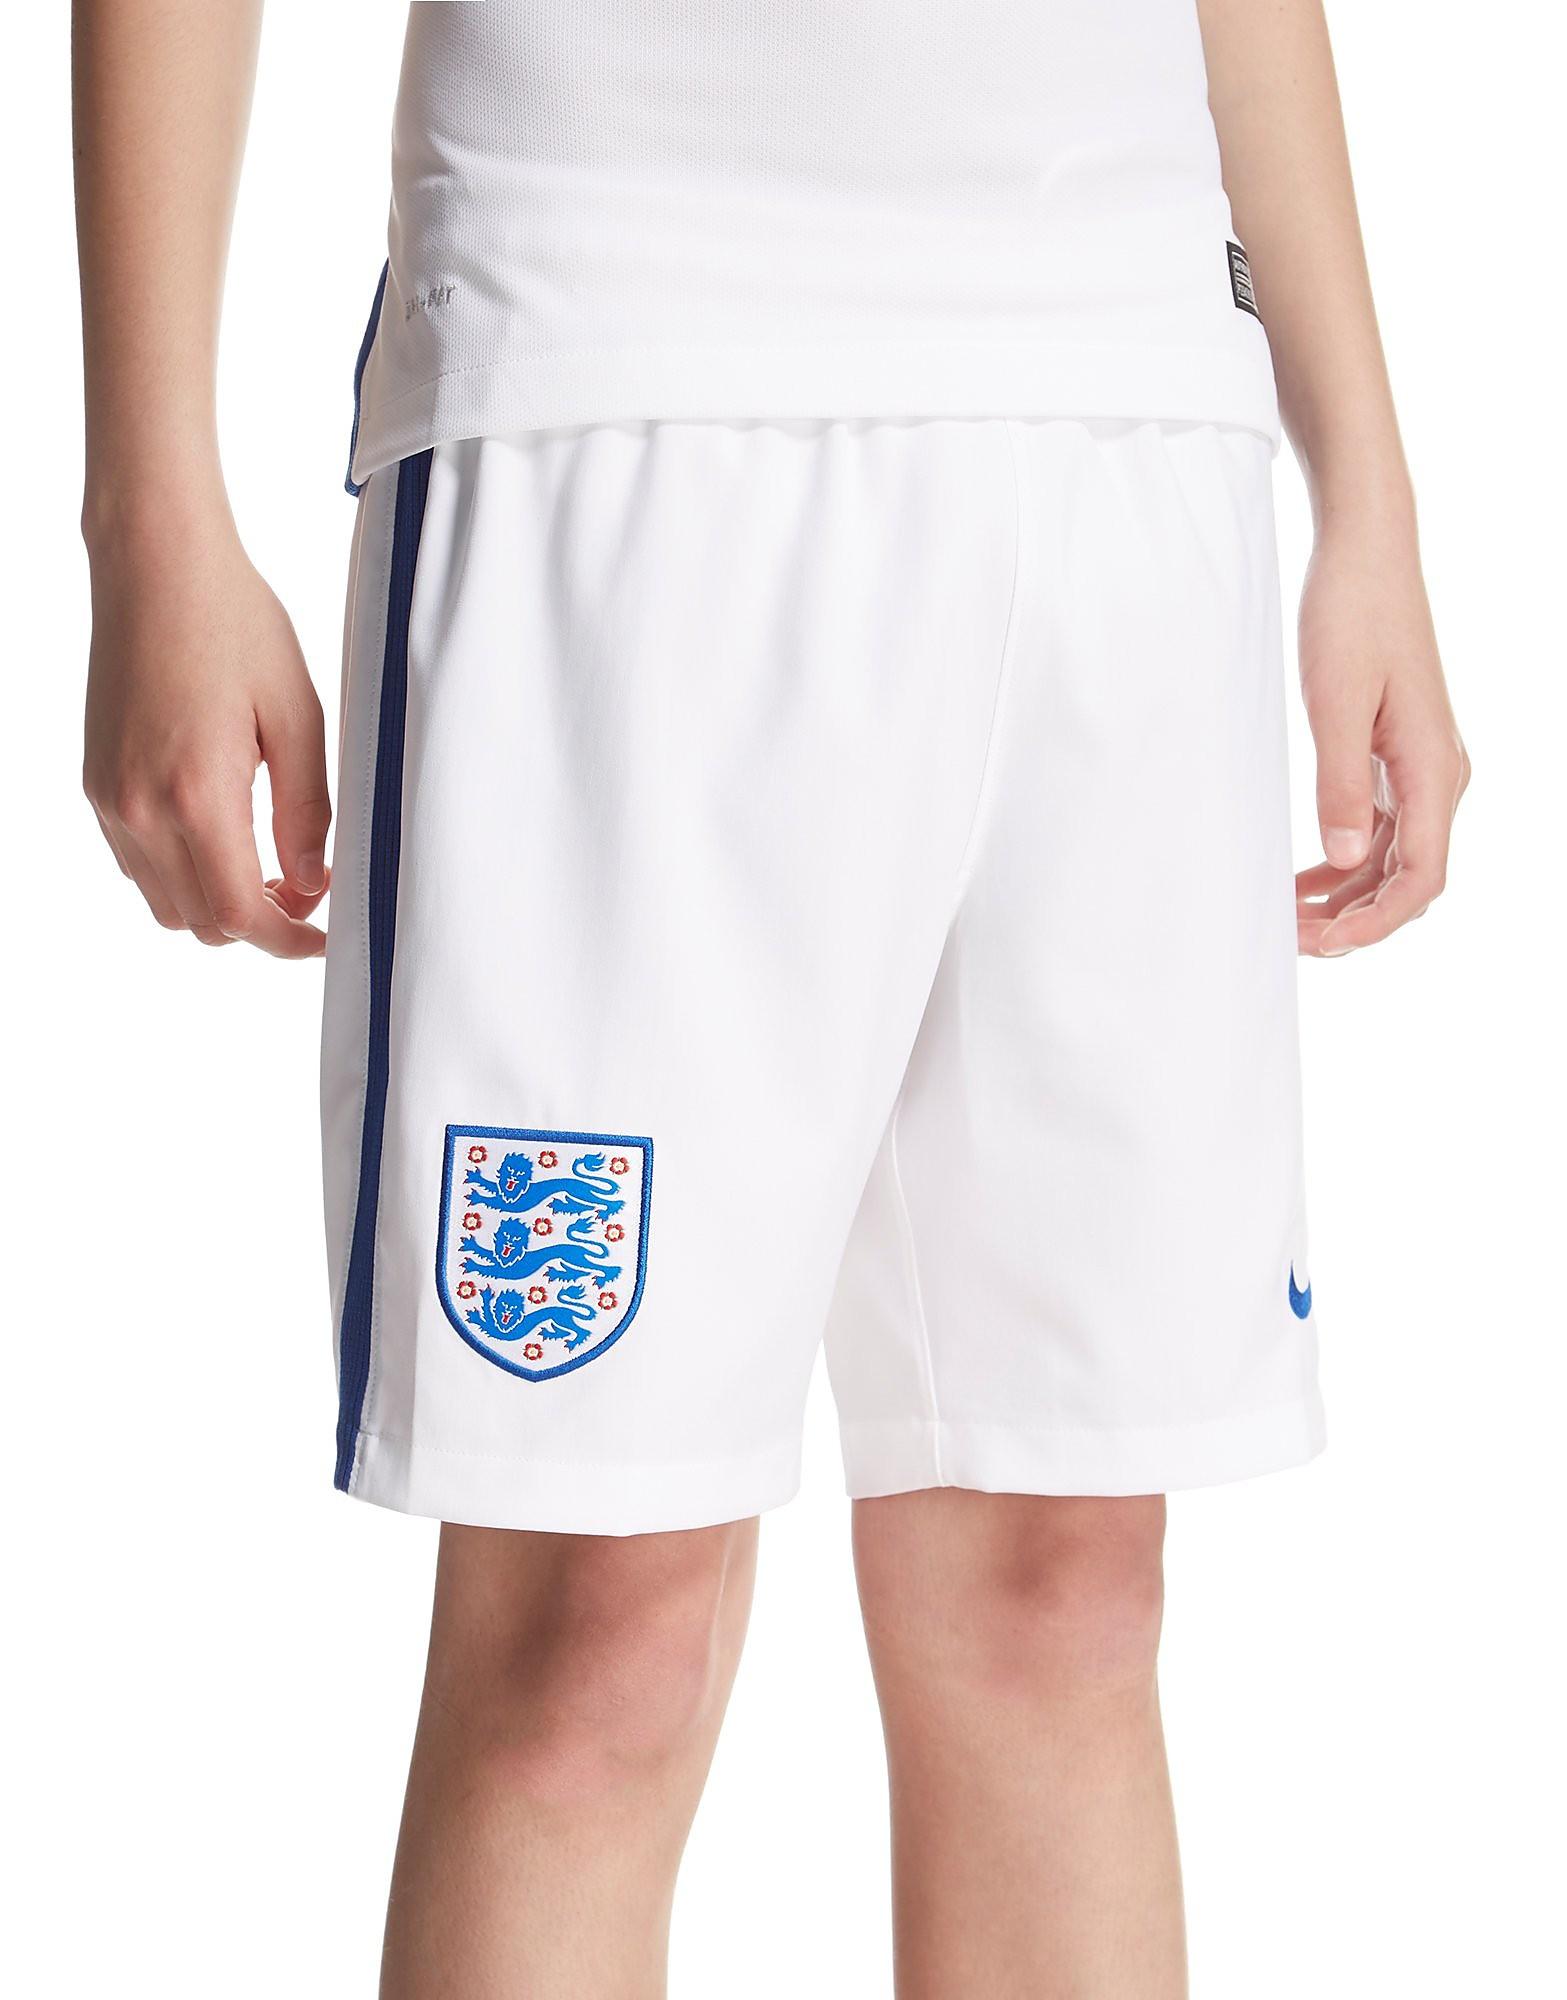 Nike England 2016 Home Shorts Junior